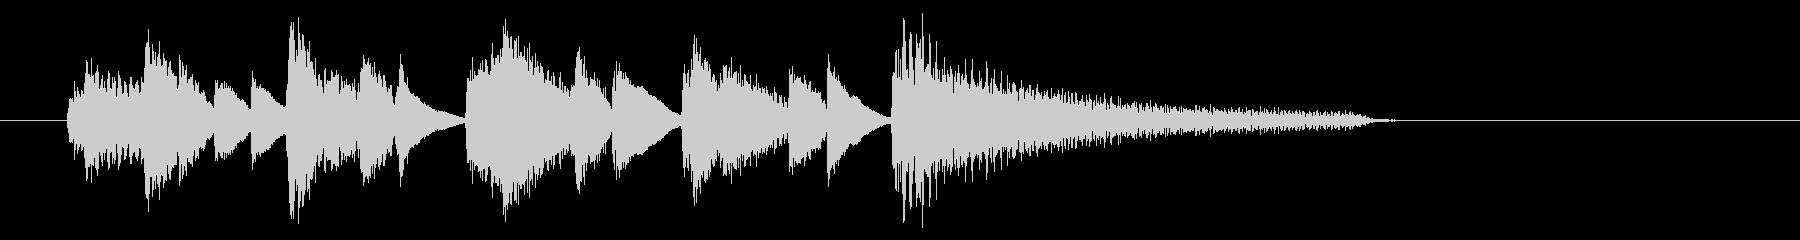 ジャズピアノの軽快なジングルC2の未再生の波形